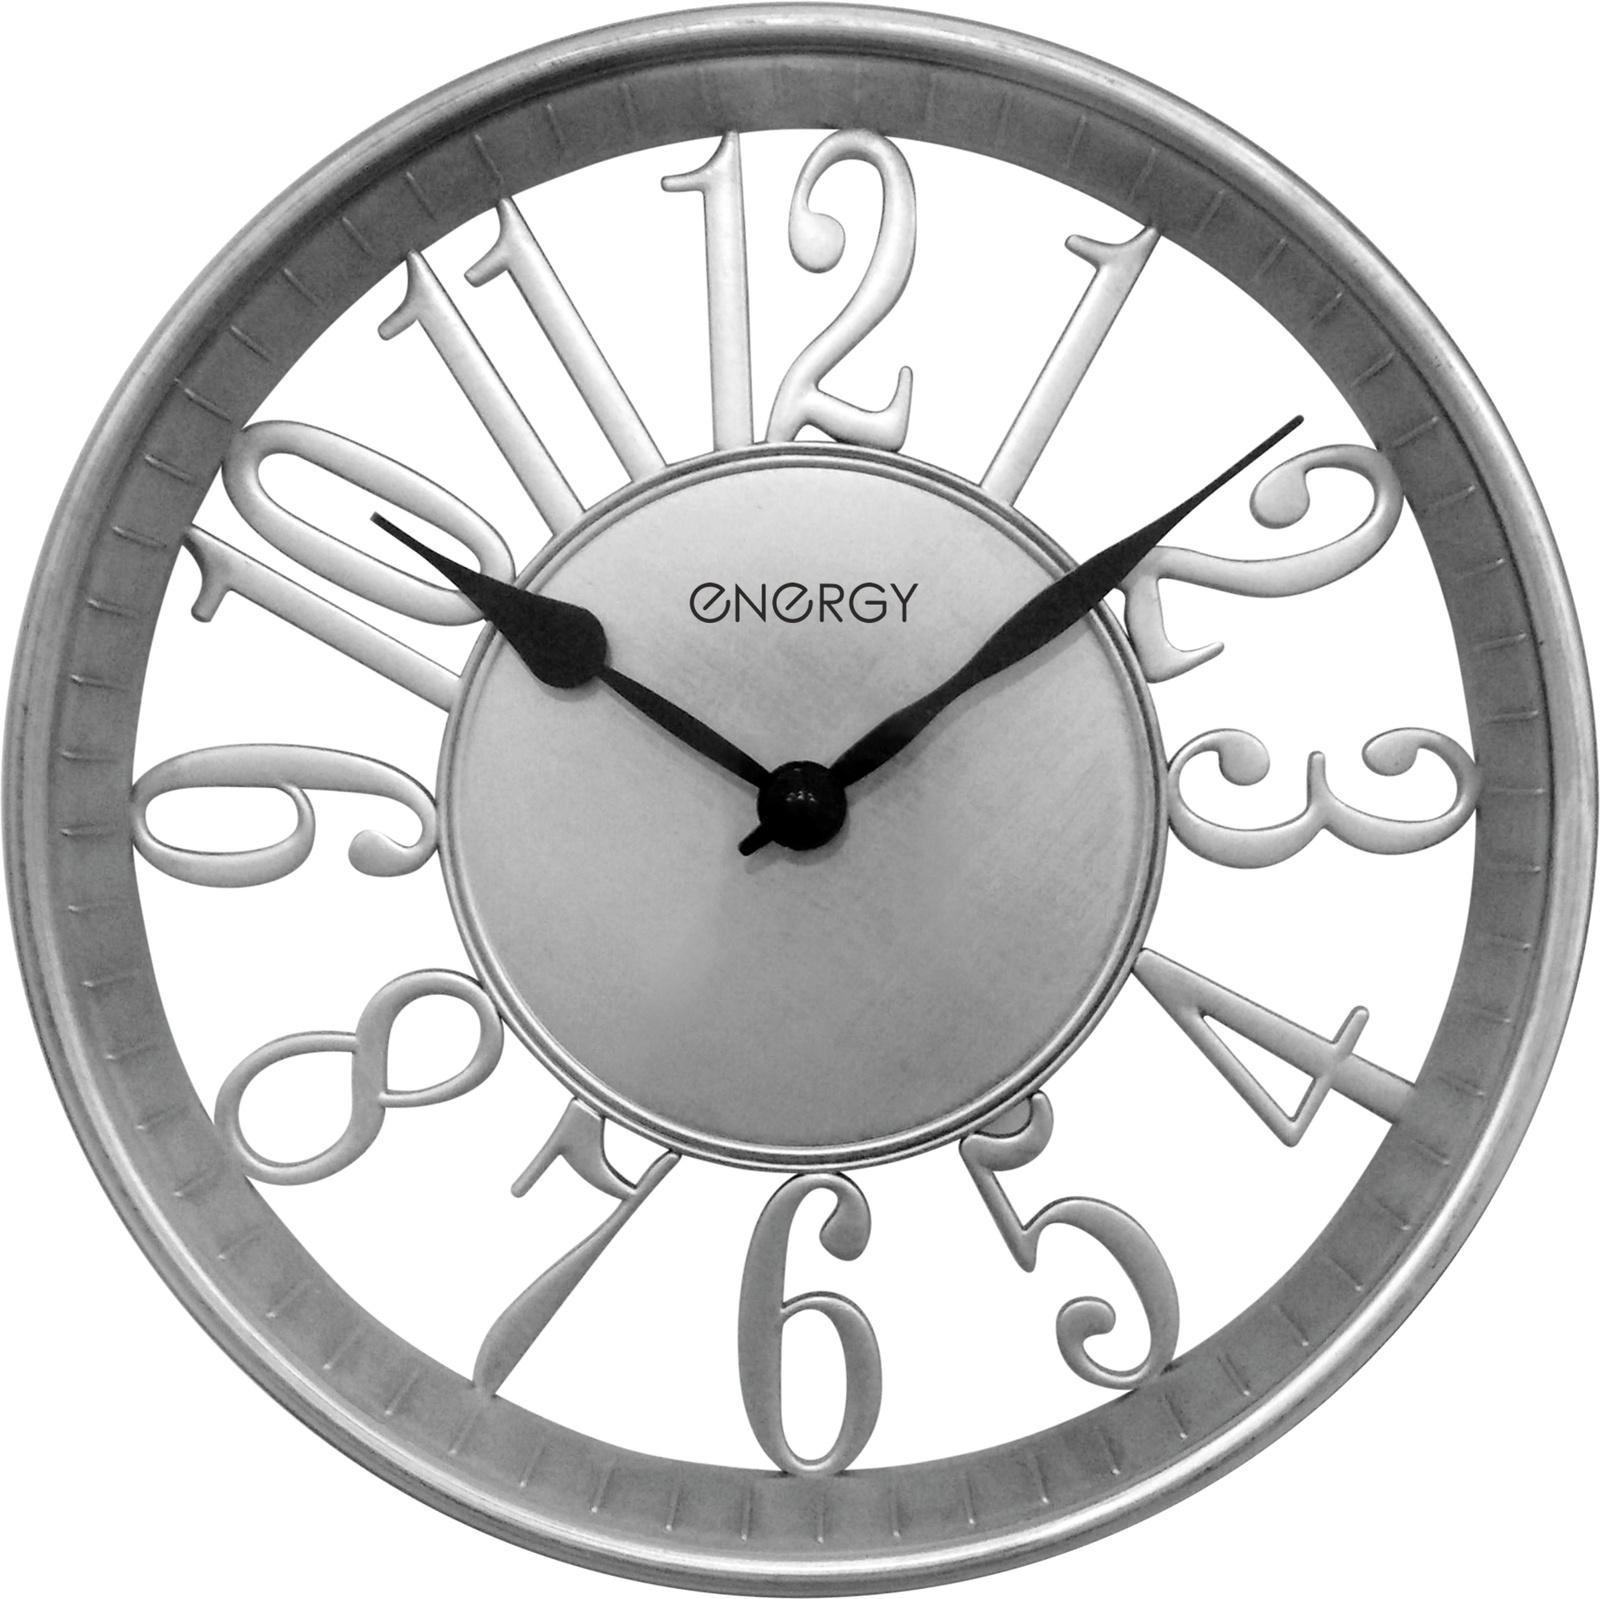 Настенные часы Energy серебряный цена 2017